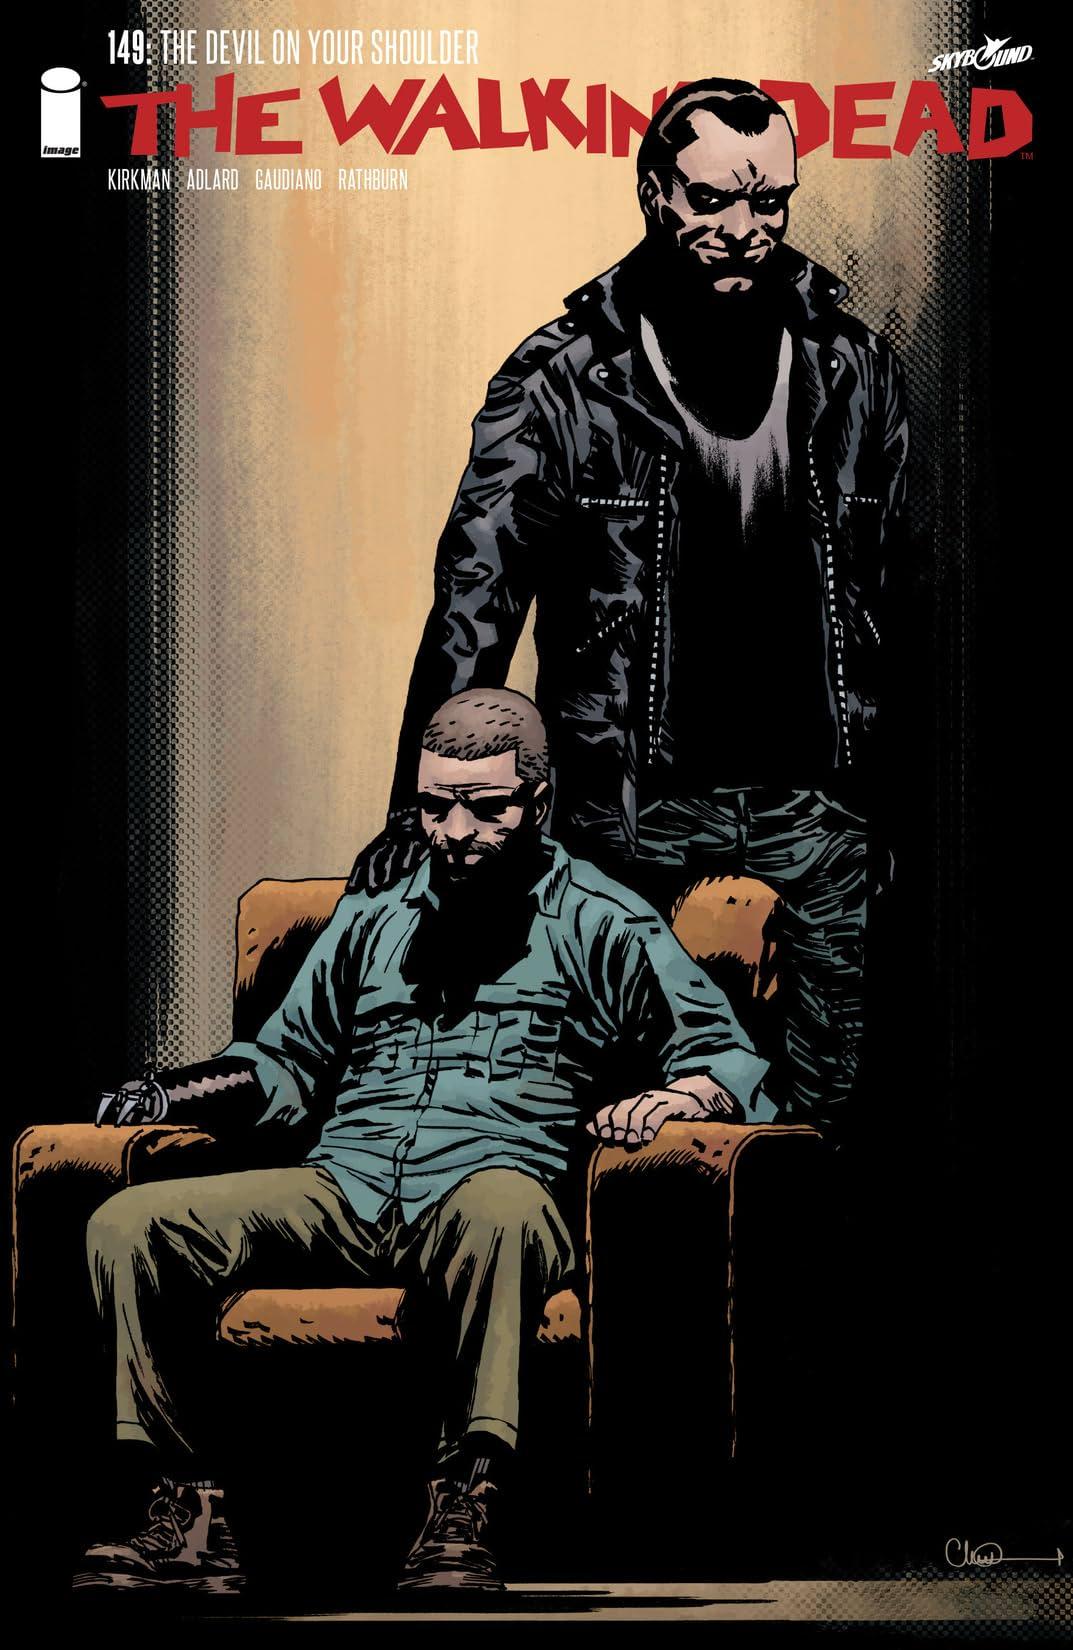 The Walking Dead #149